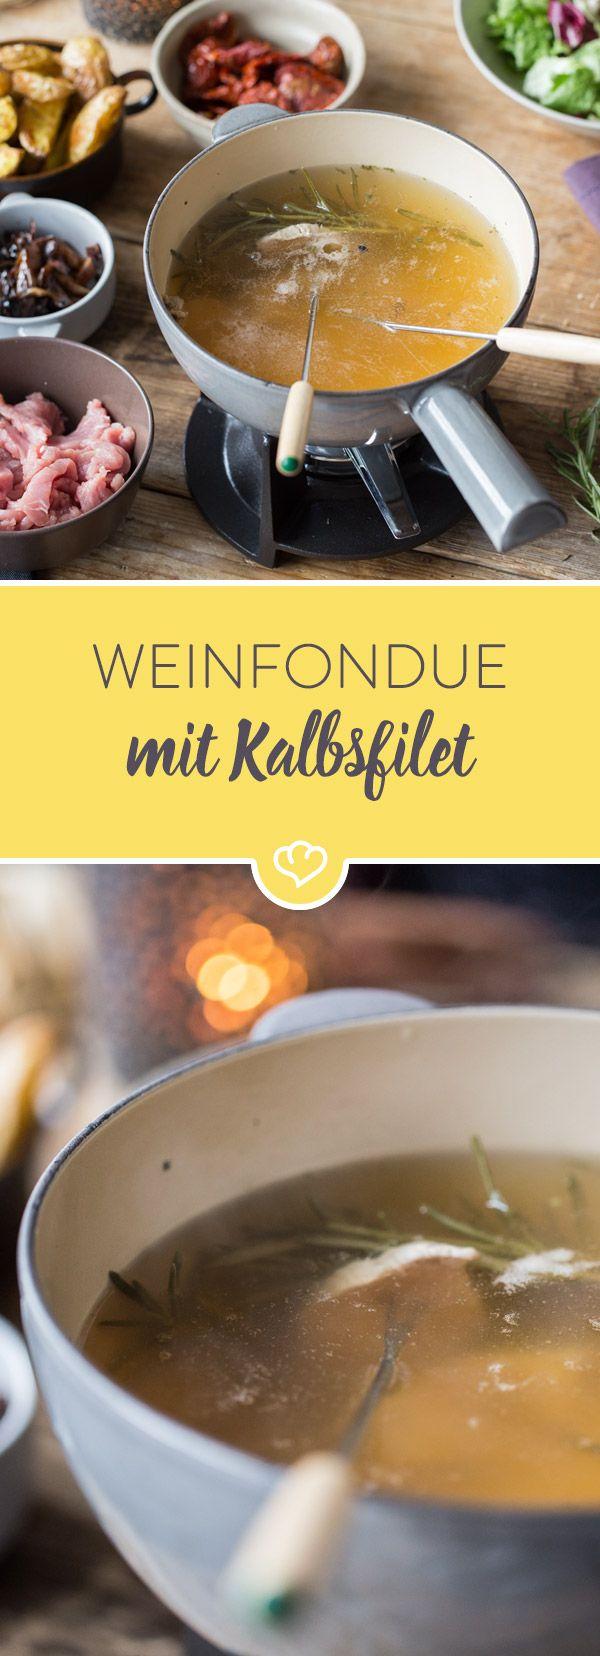 die besten 25 fondue beilagen ideen auf pinterest weihnachtssuppe fondue rezepte und. Black Bedroom Furniture Sets. Home Design Ideas